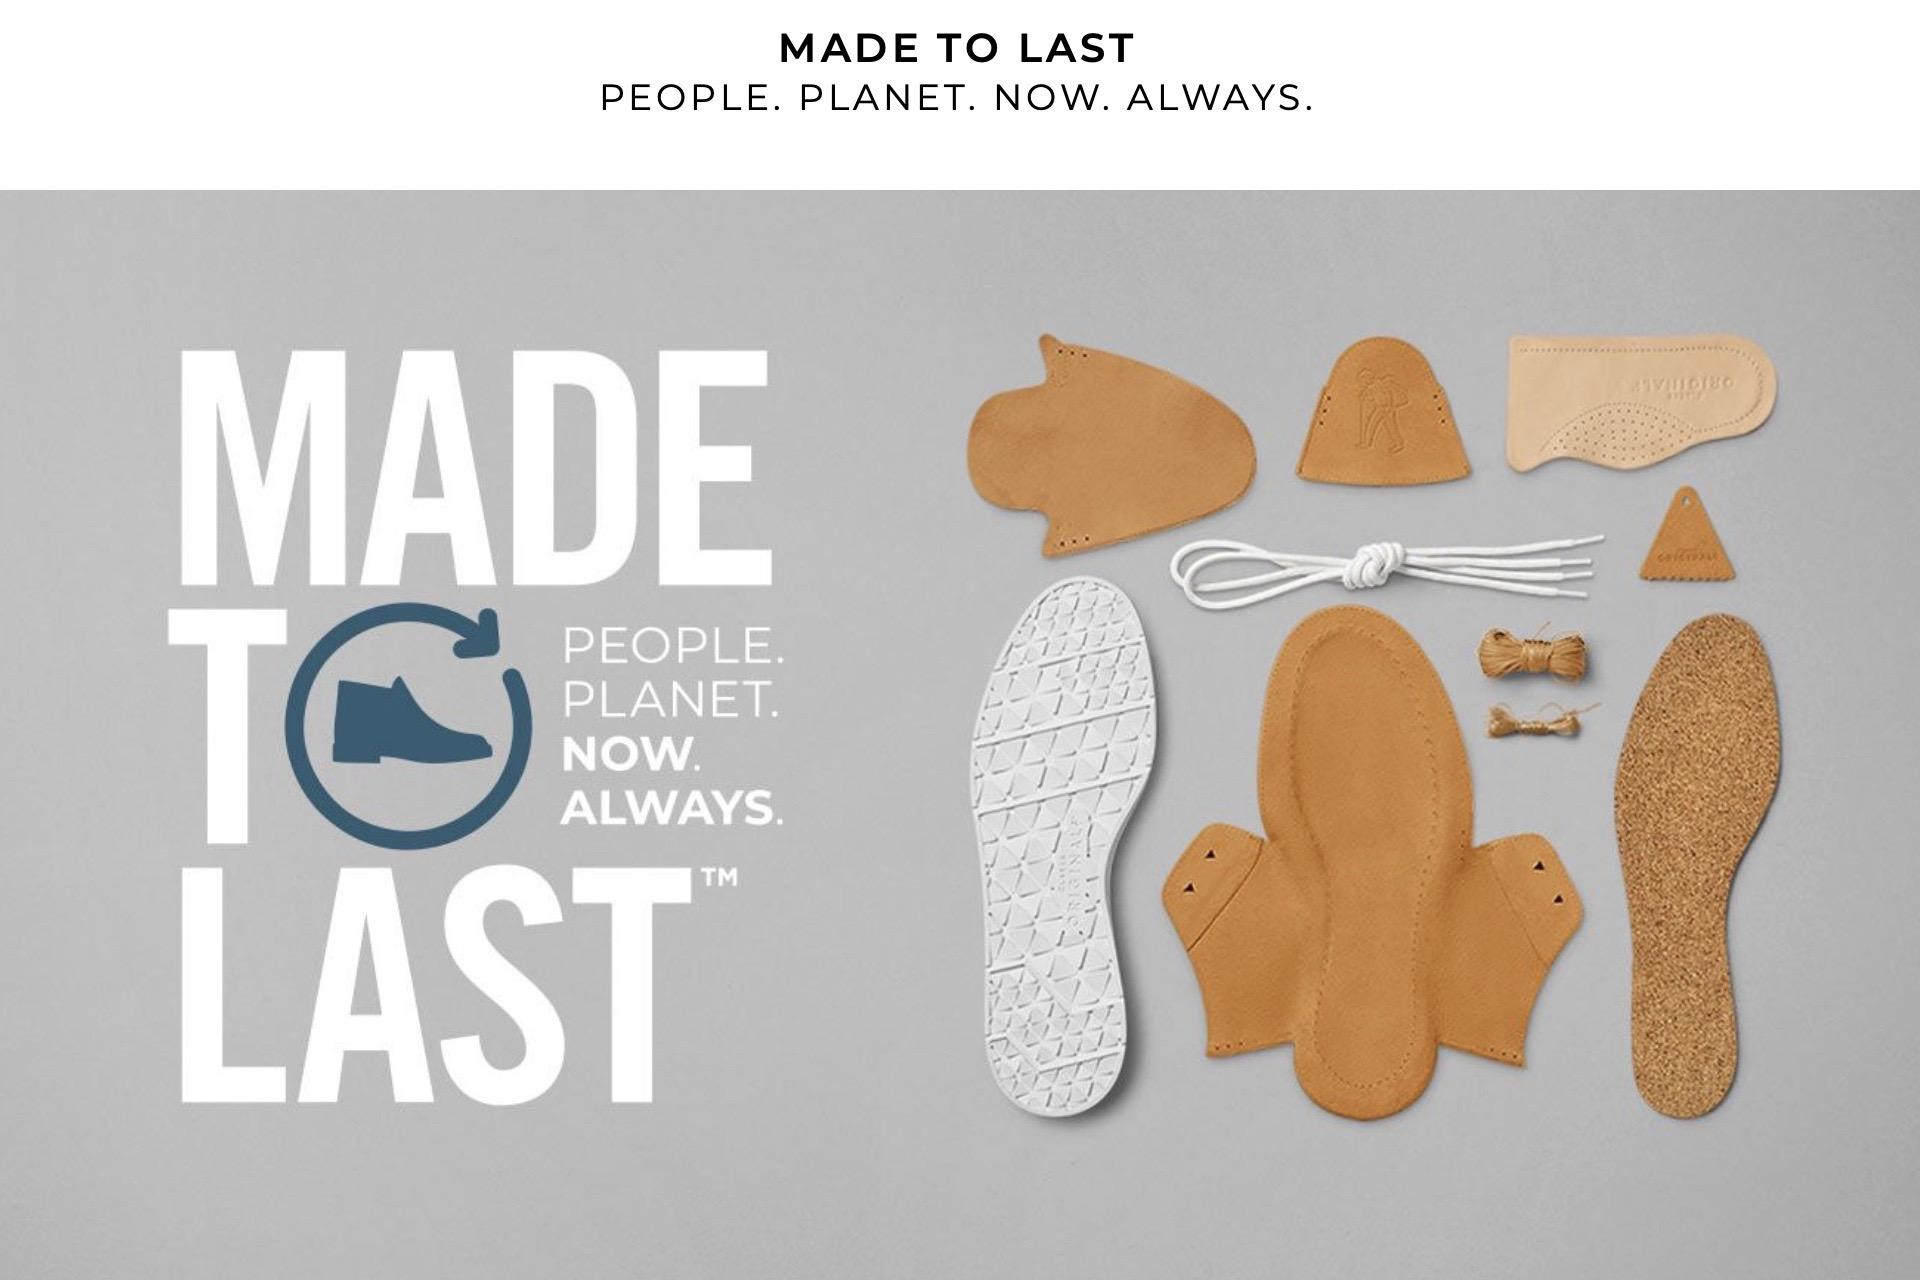 传:200年历史的英国鞋履品牌 Clarks 与中国莱恩资本展开独家收购谈判